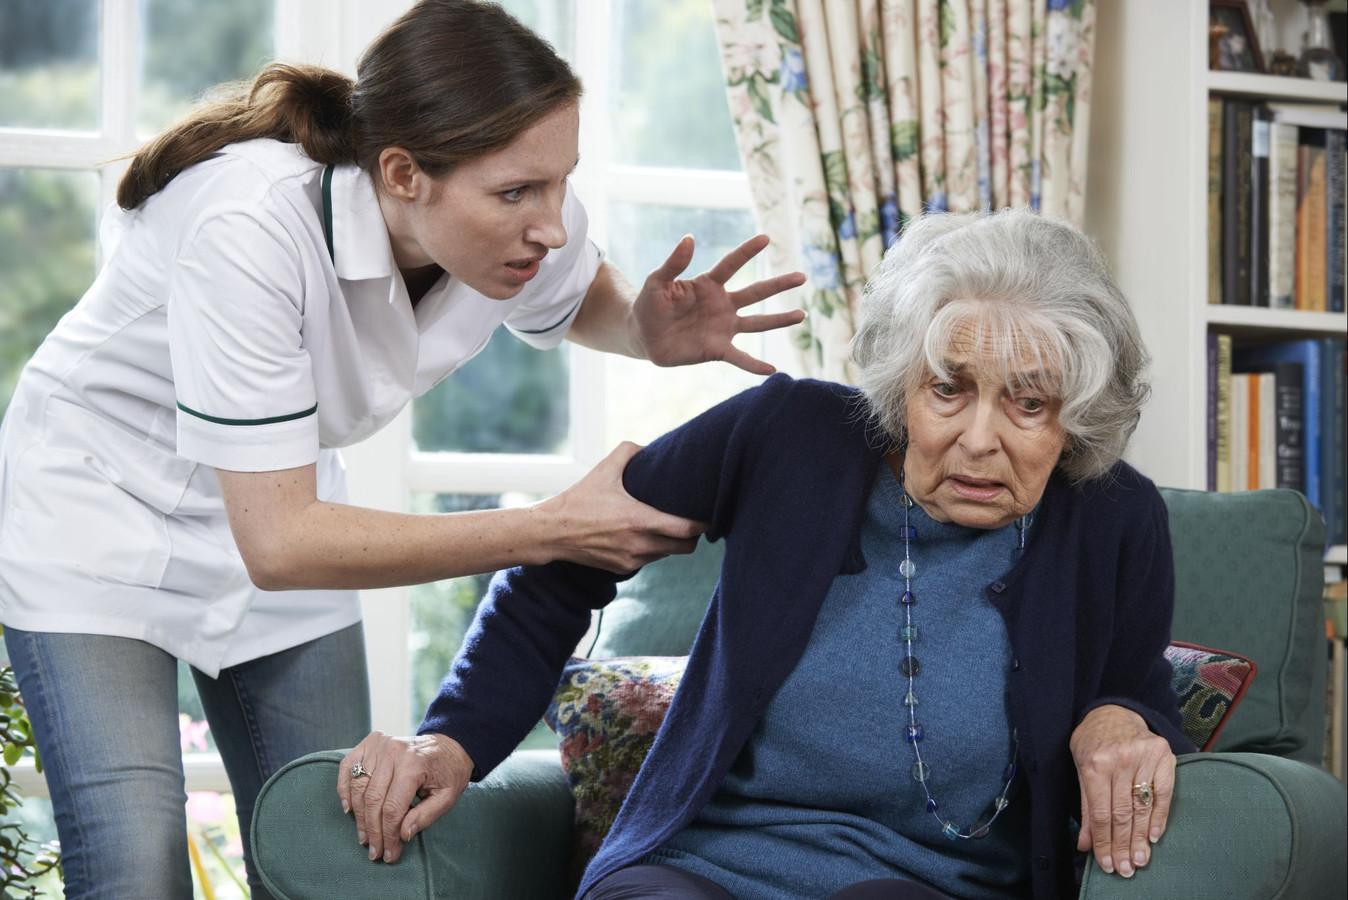 Jaarlijks hebben 170.000 ouderen te maken met een vorm van mishandeling